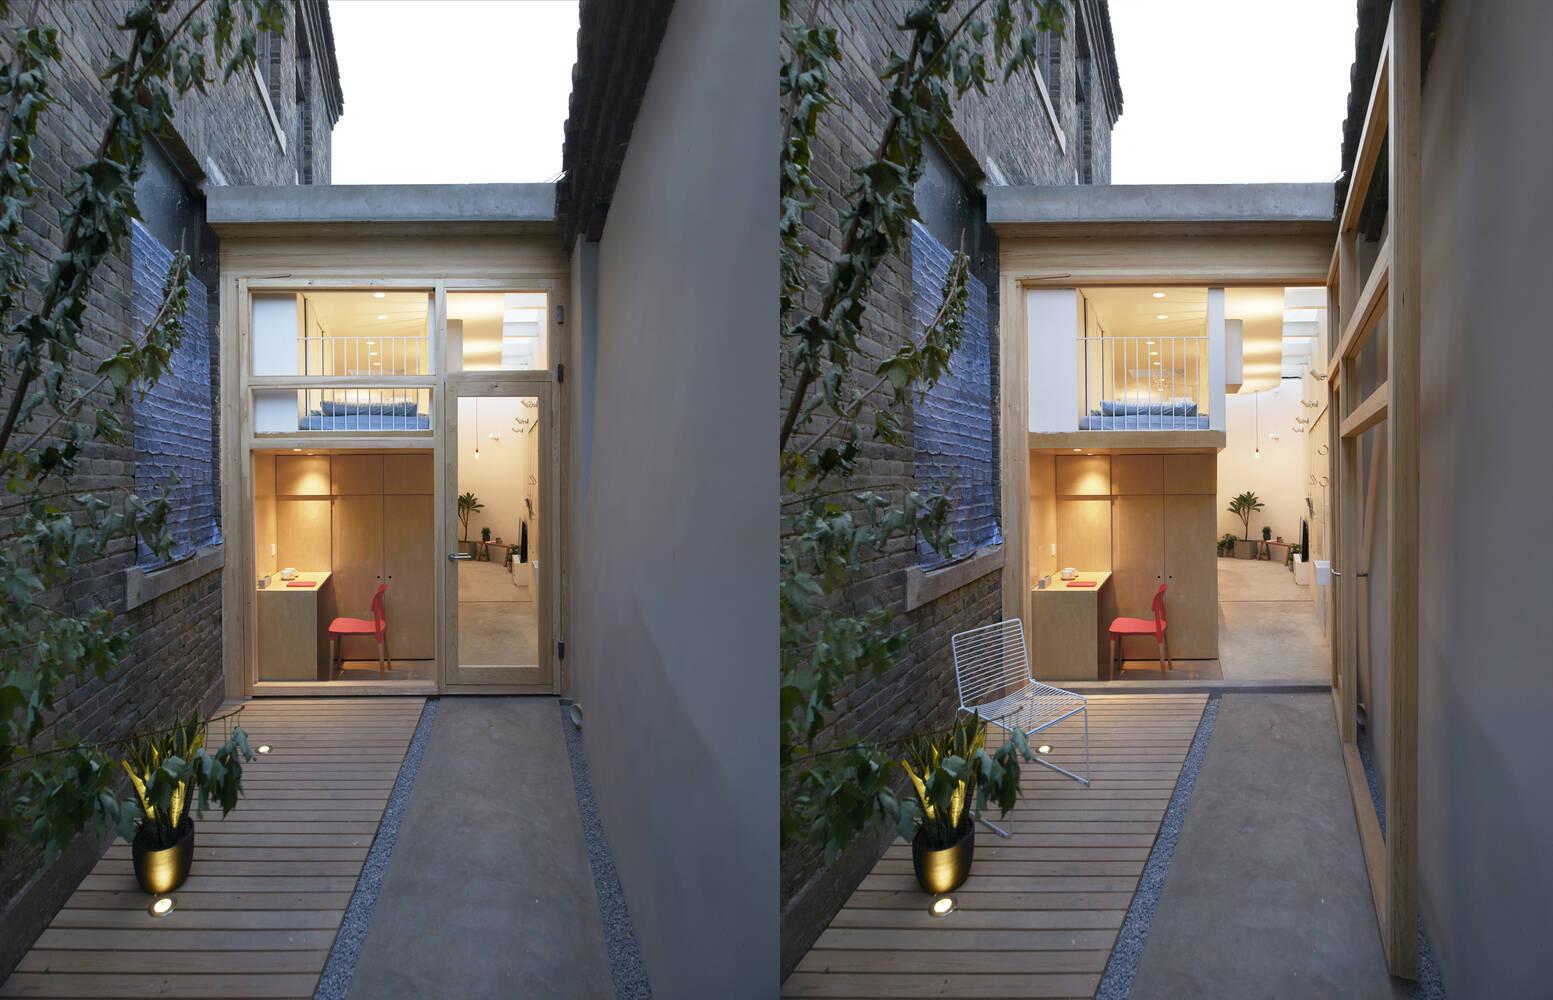 Cửa ở phía sau được làm bằng khung gỗ và kính trong suốt giúp gia chủ có được sự kết nối với khoảng sân sau nhà